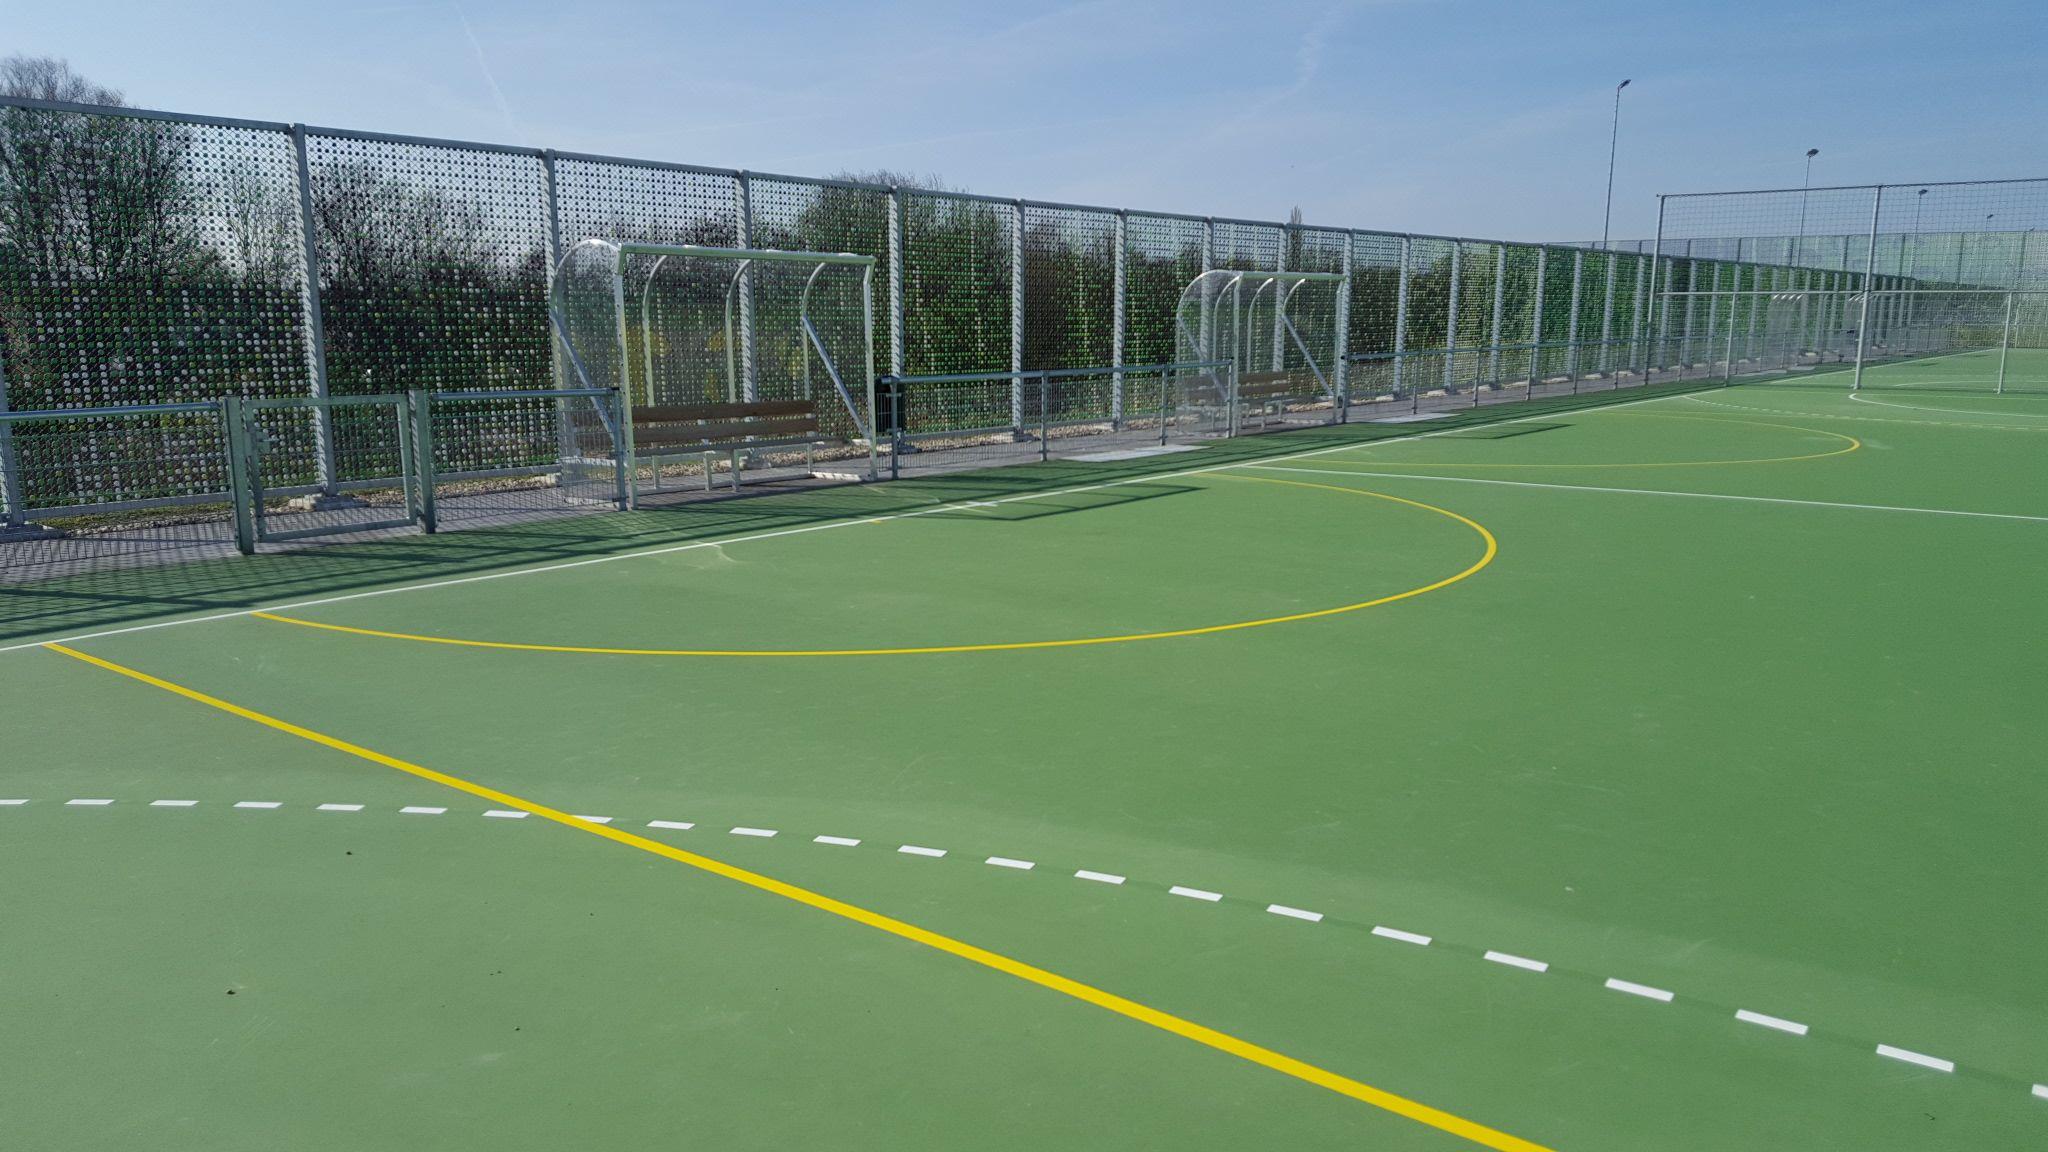 Belijning Mini handalveld sportpark